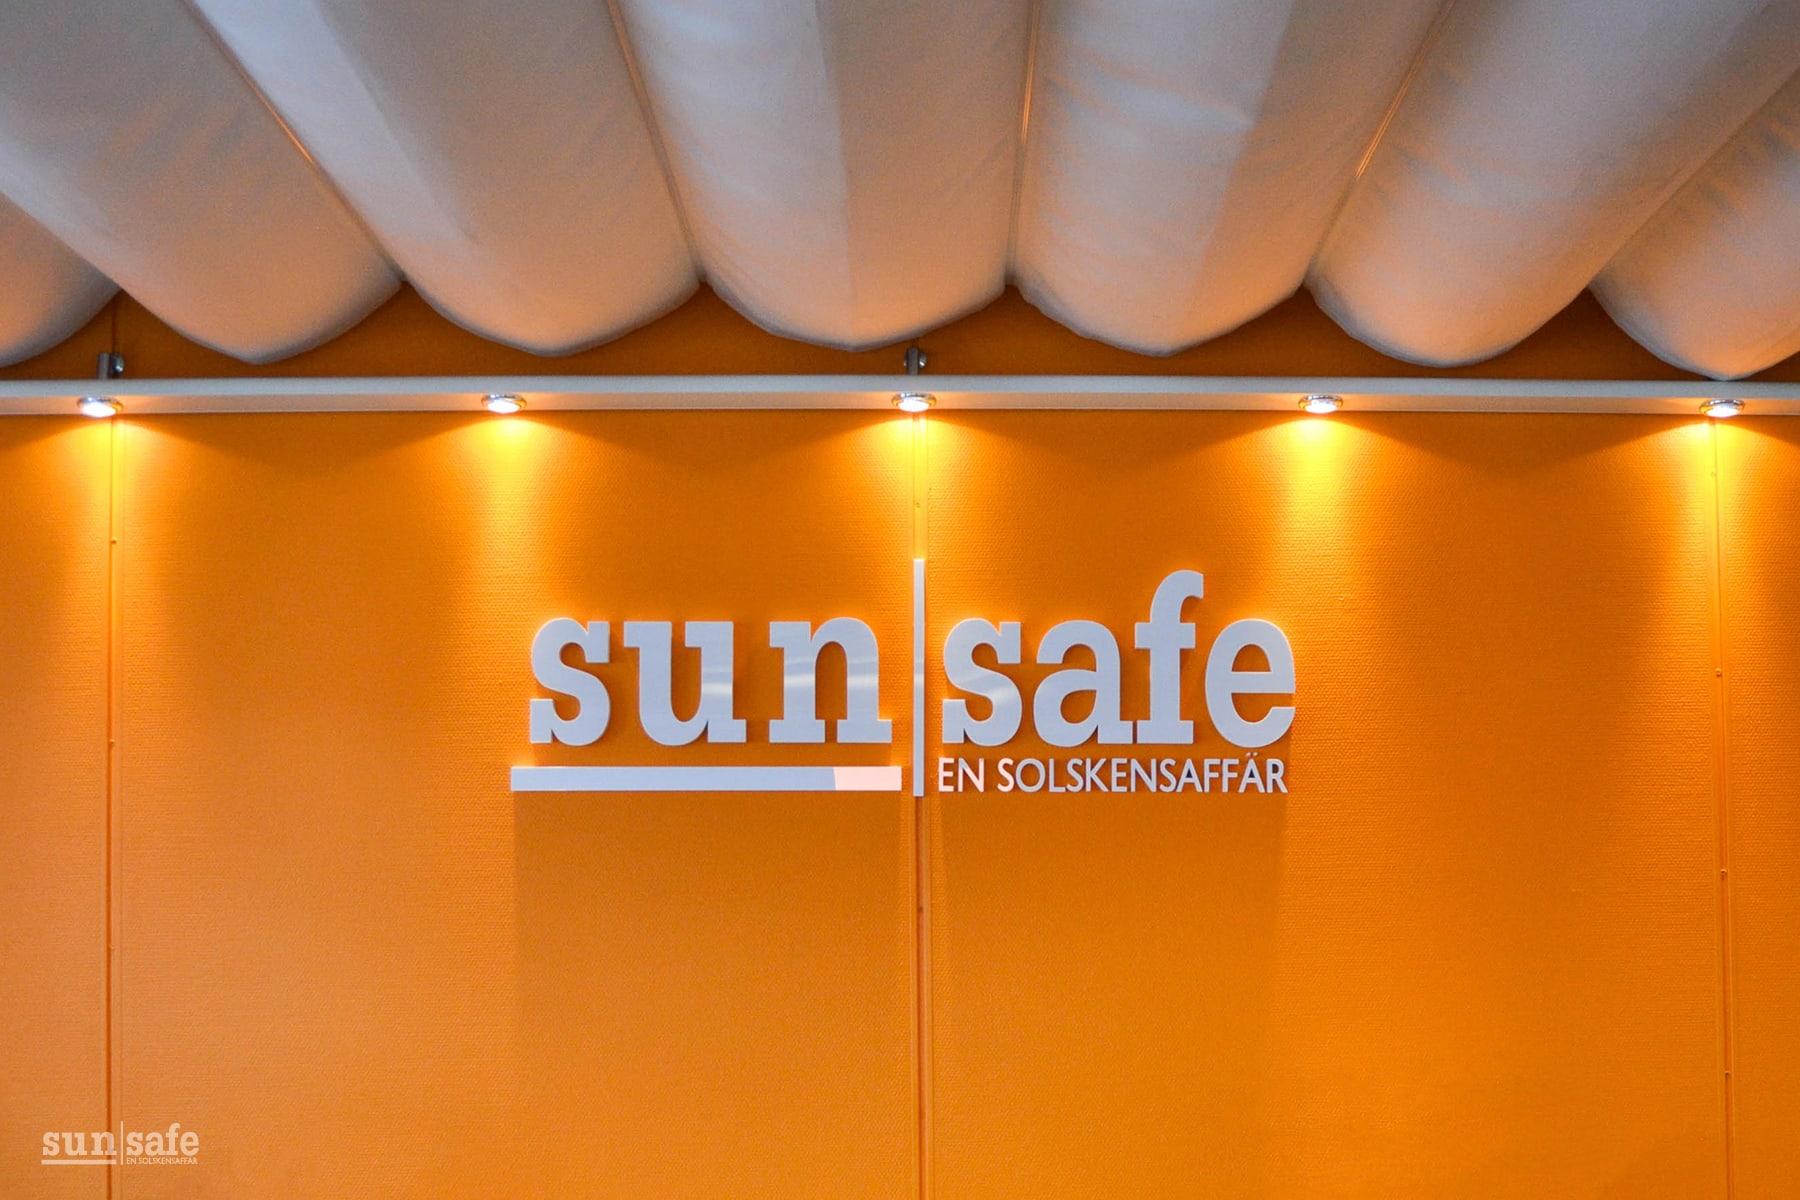 006 sunsafe 1800x1200 1 Sunsafe https://sunsafe.se/om-oss/